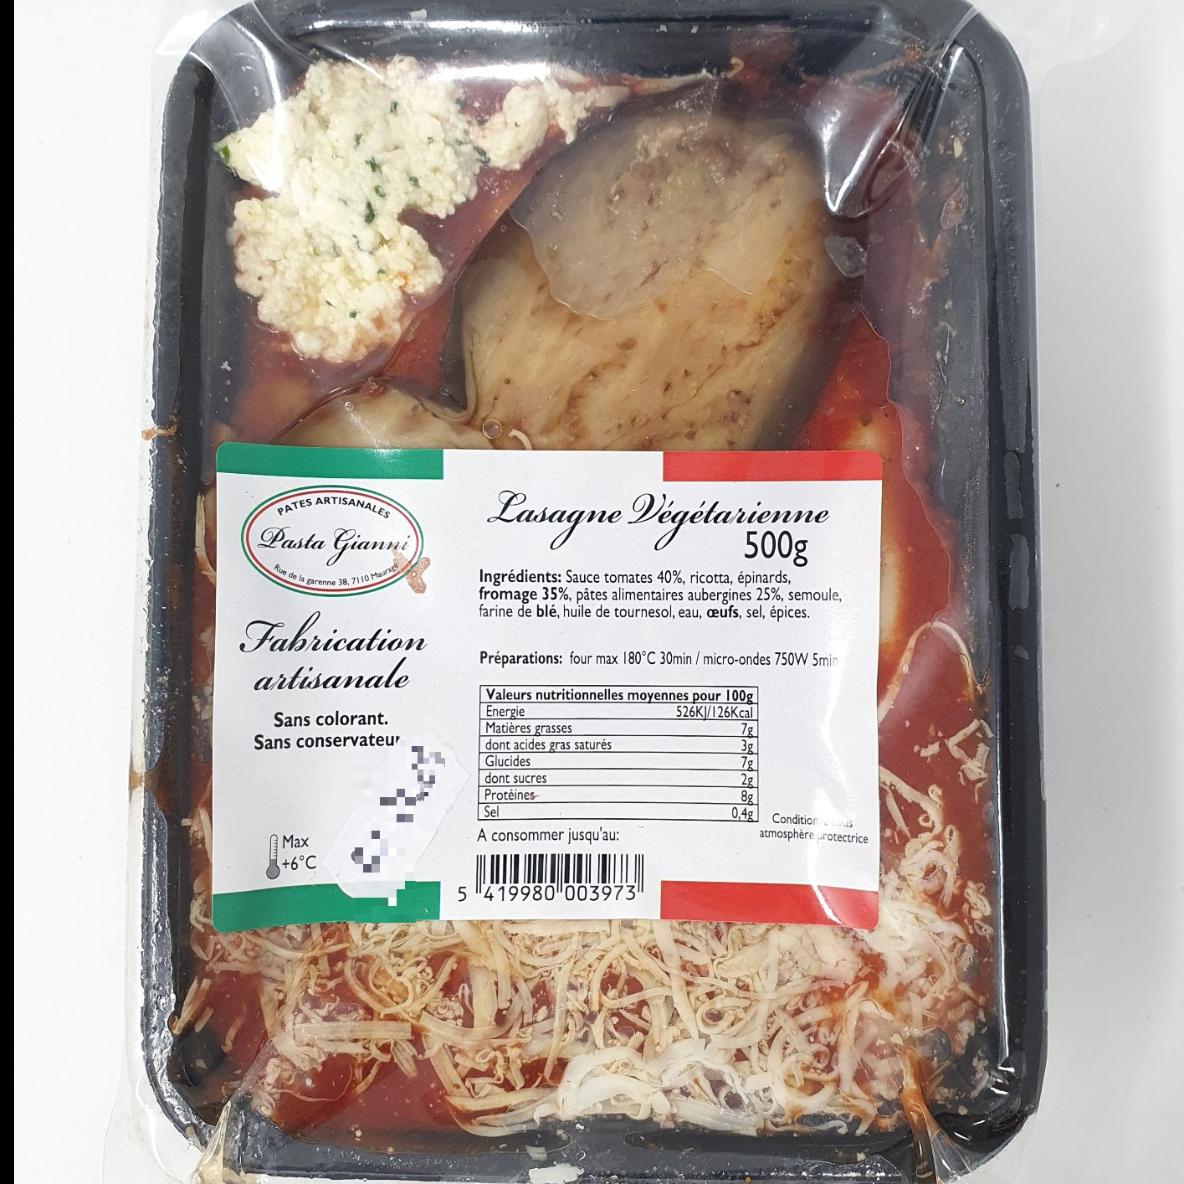 Lasagne végétarienne 500g